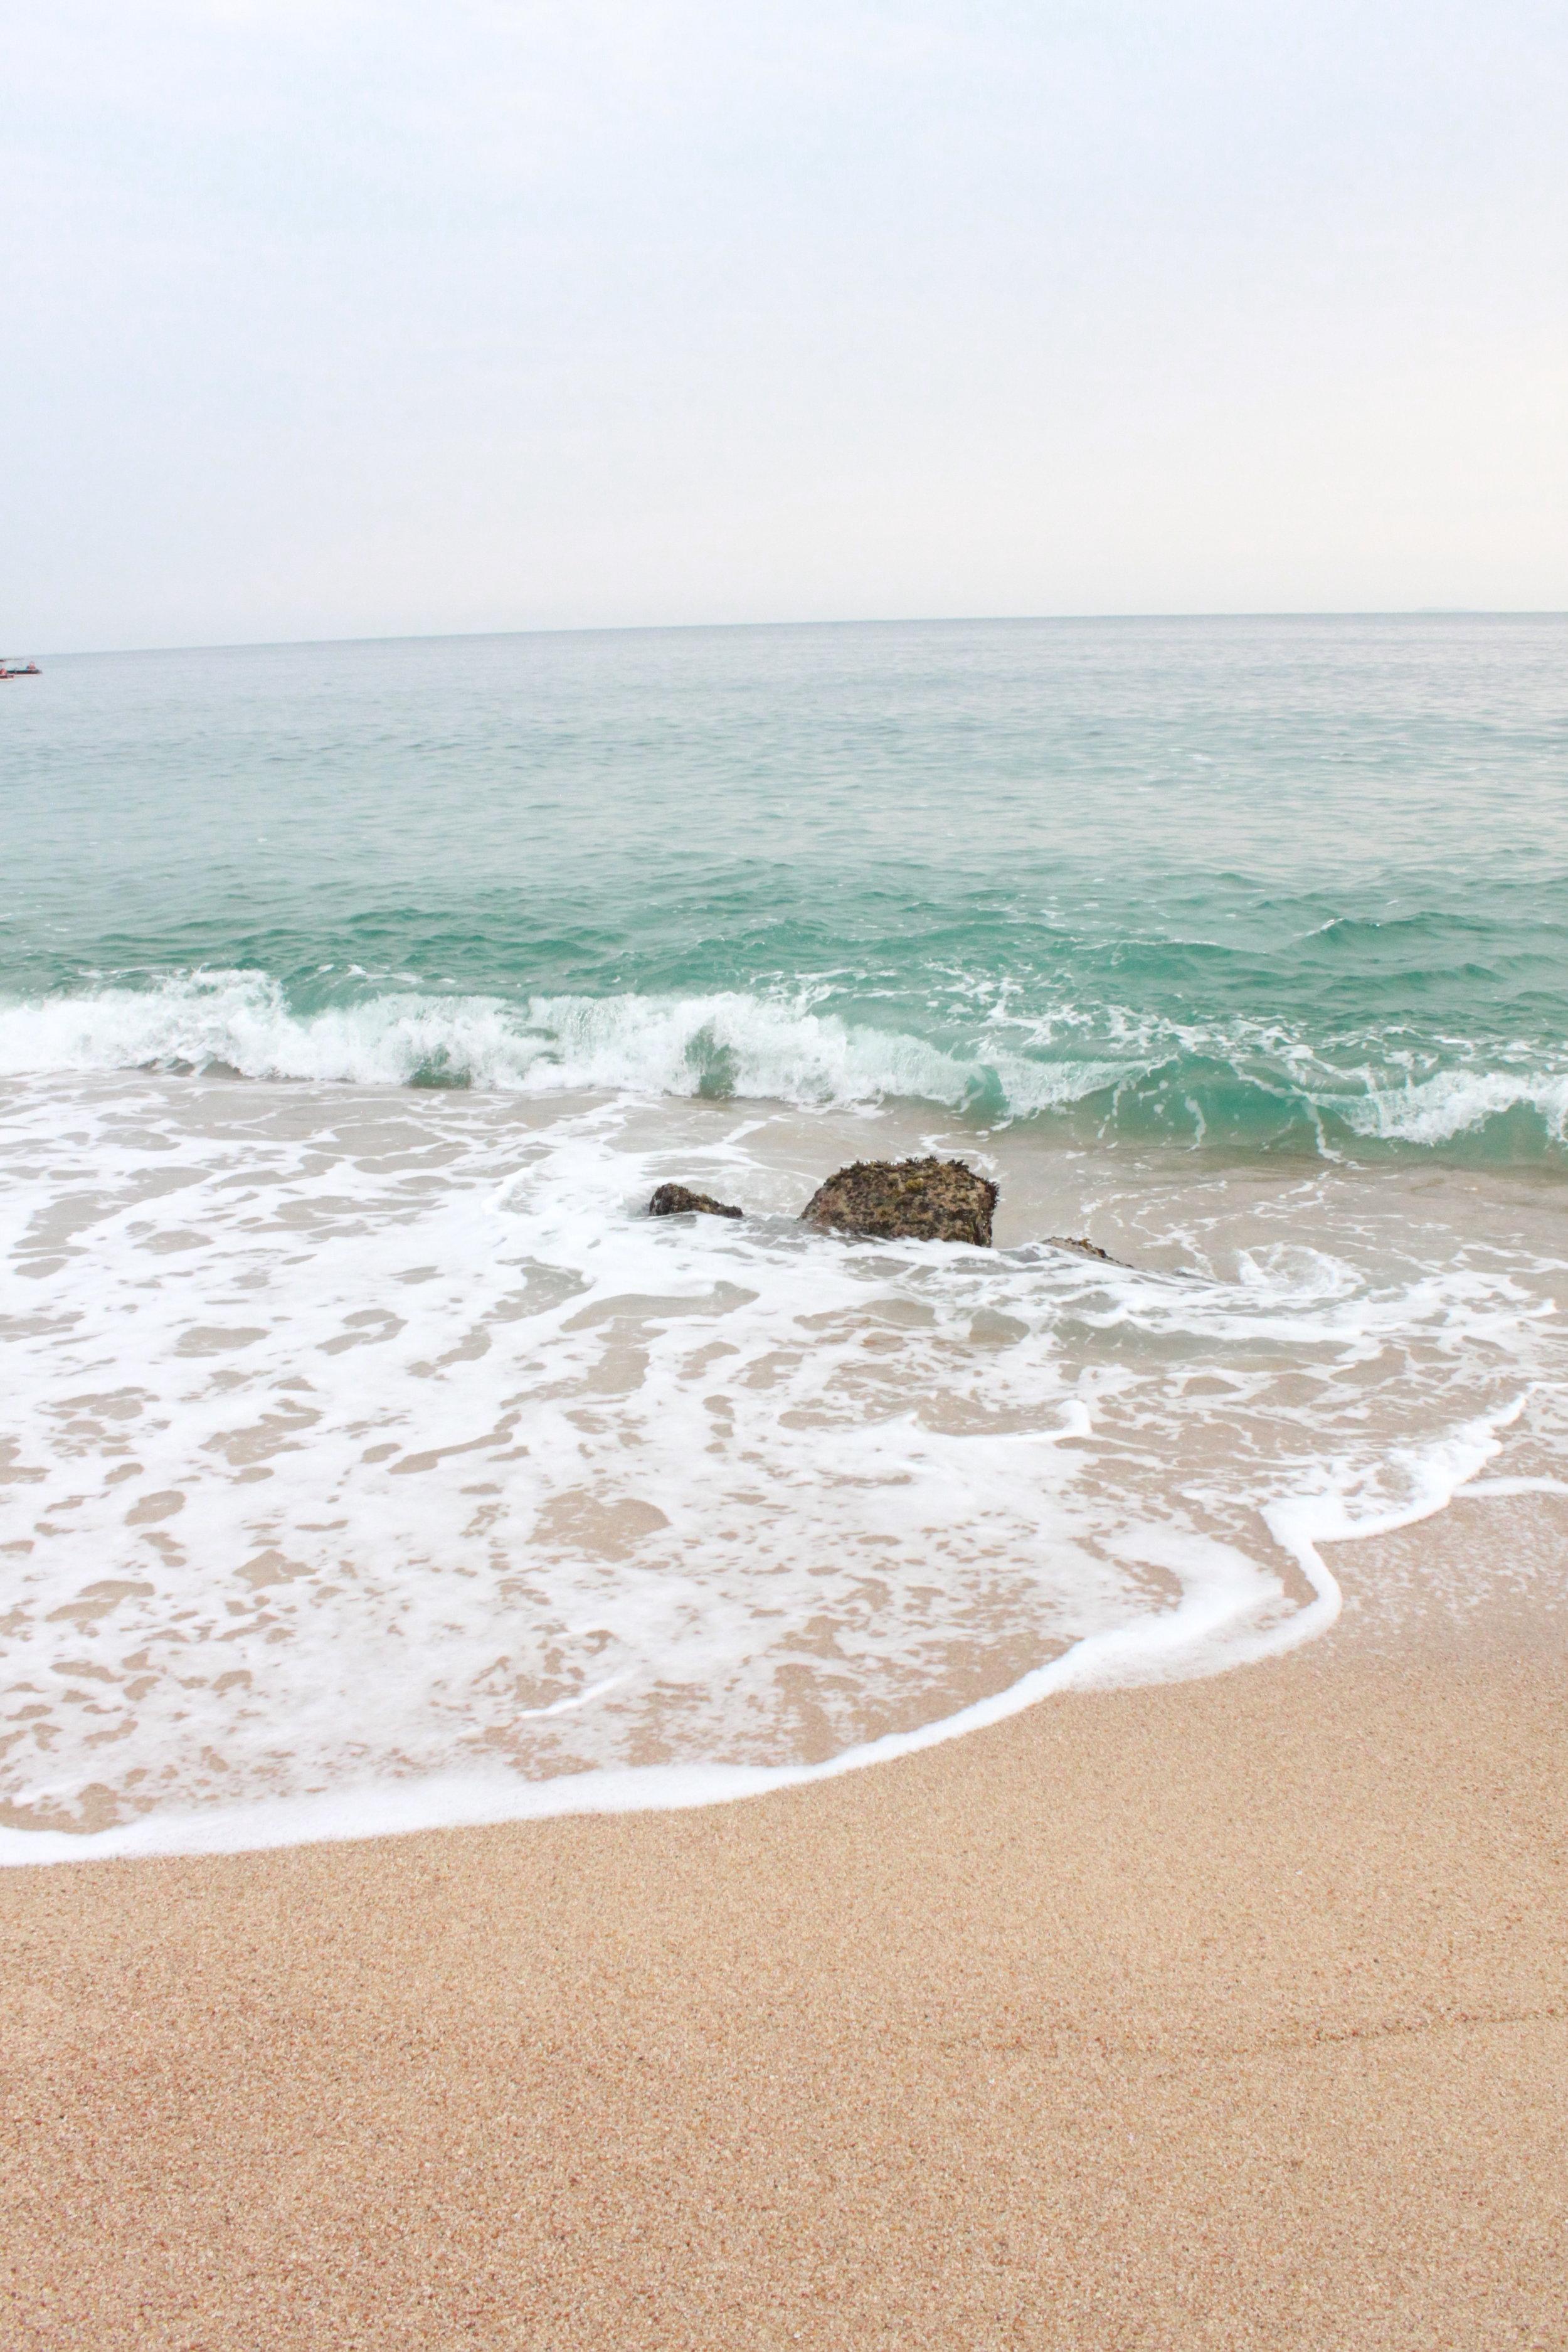 Xinalani_ocean1.JPG